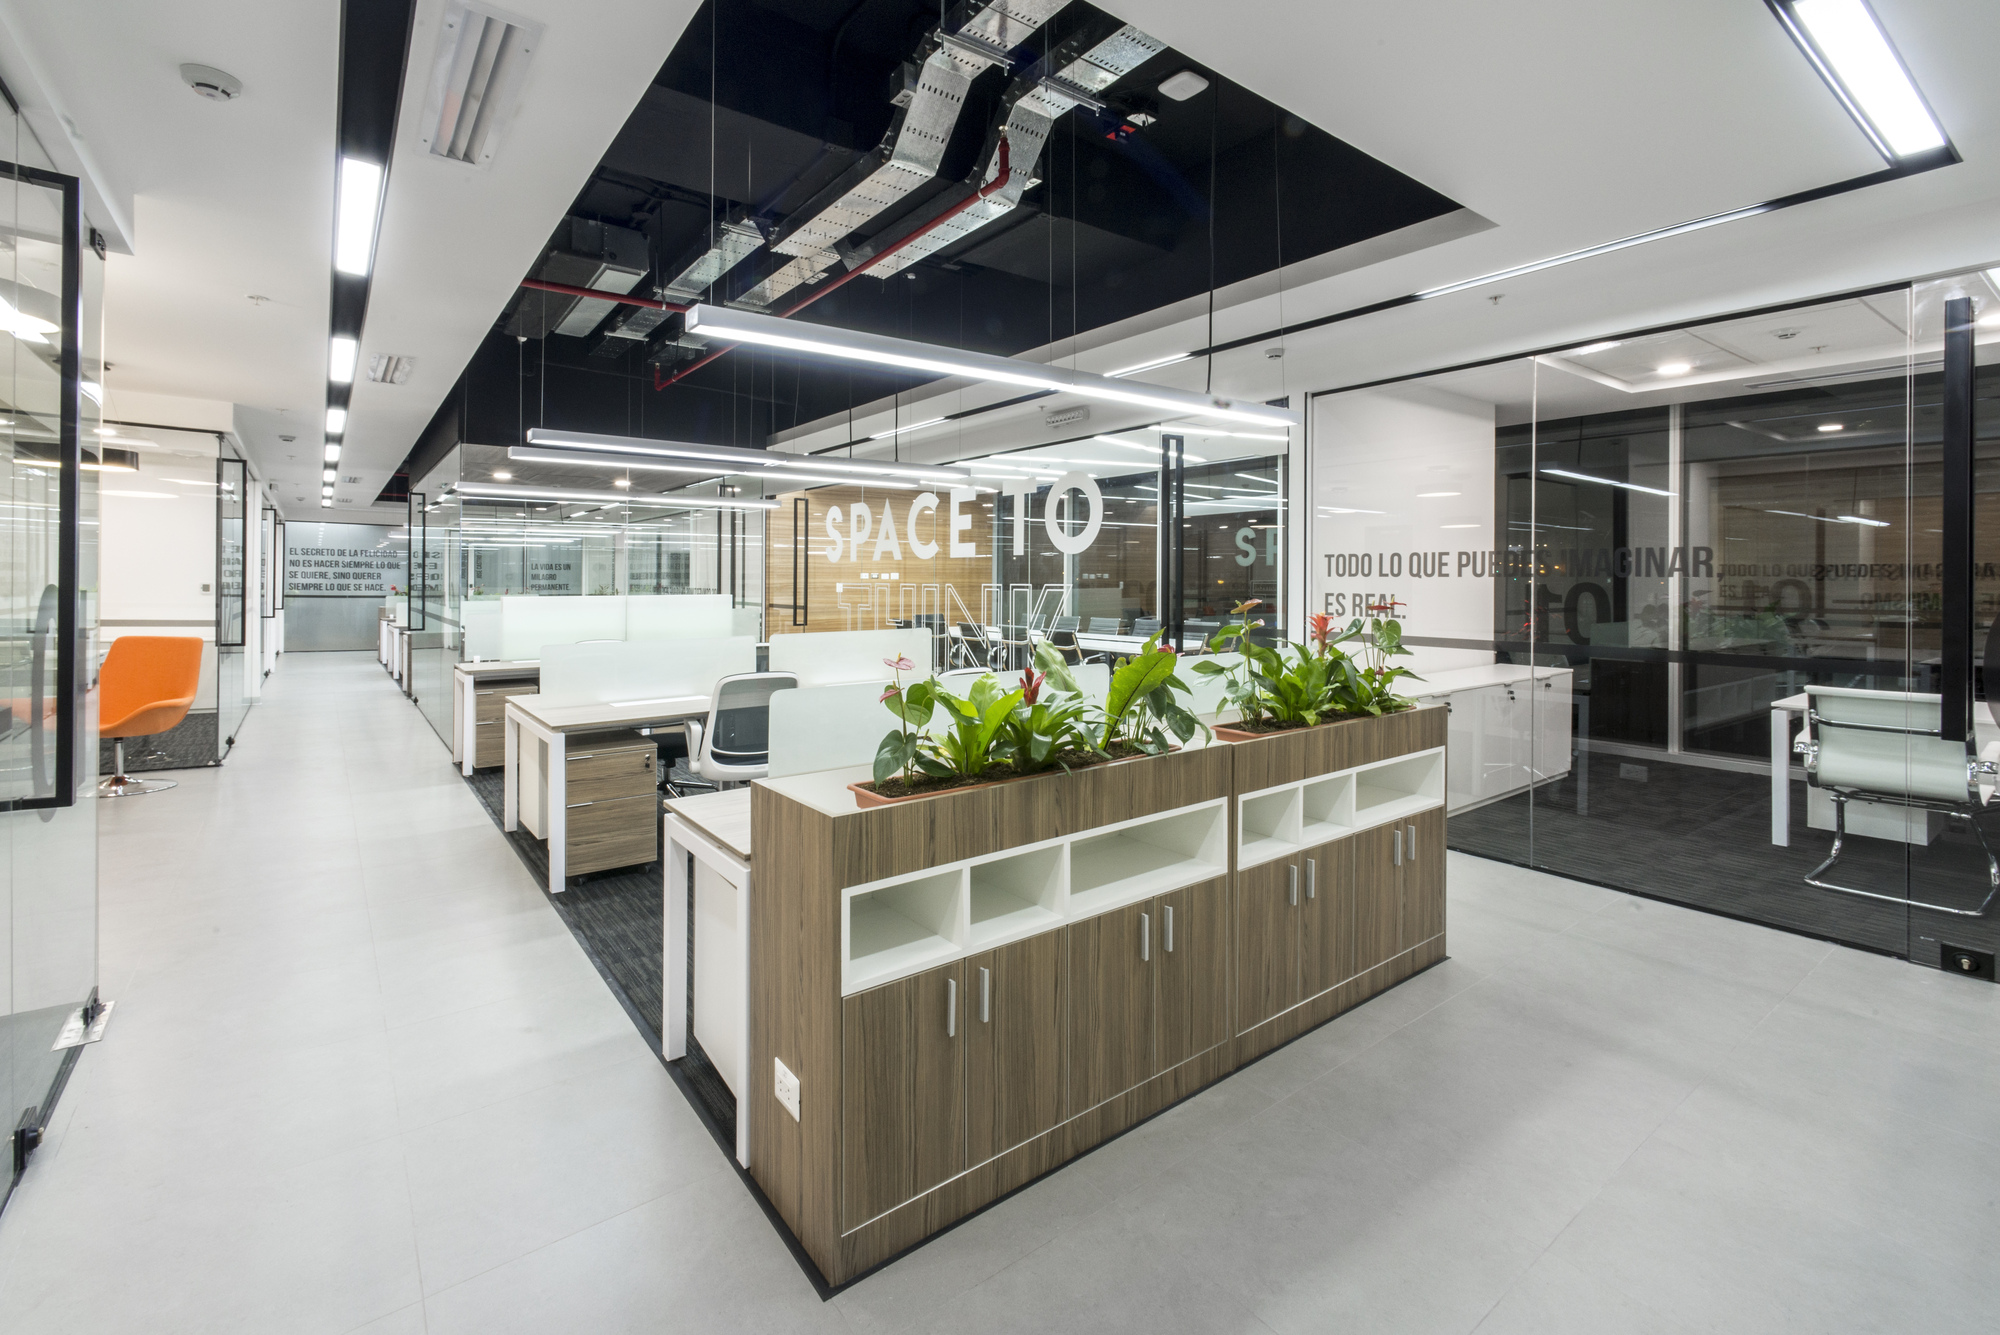 Oficinas zilicom group tru arquitectos plataforma for Oficinas arquitectura